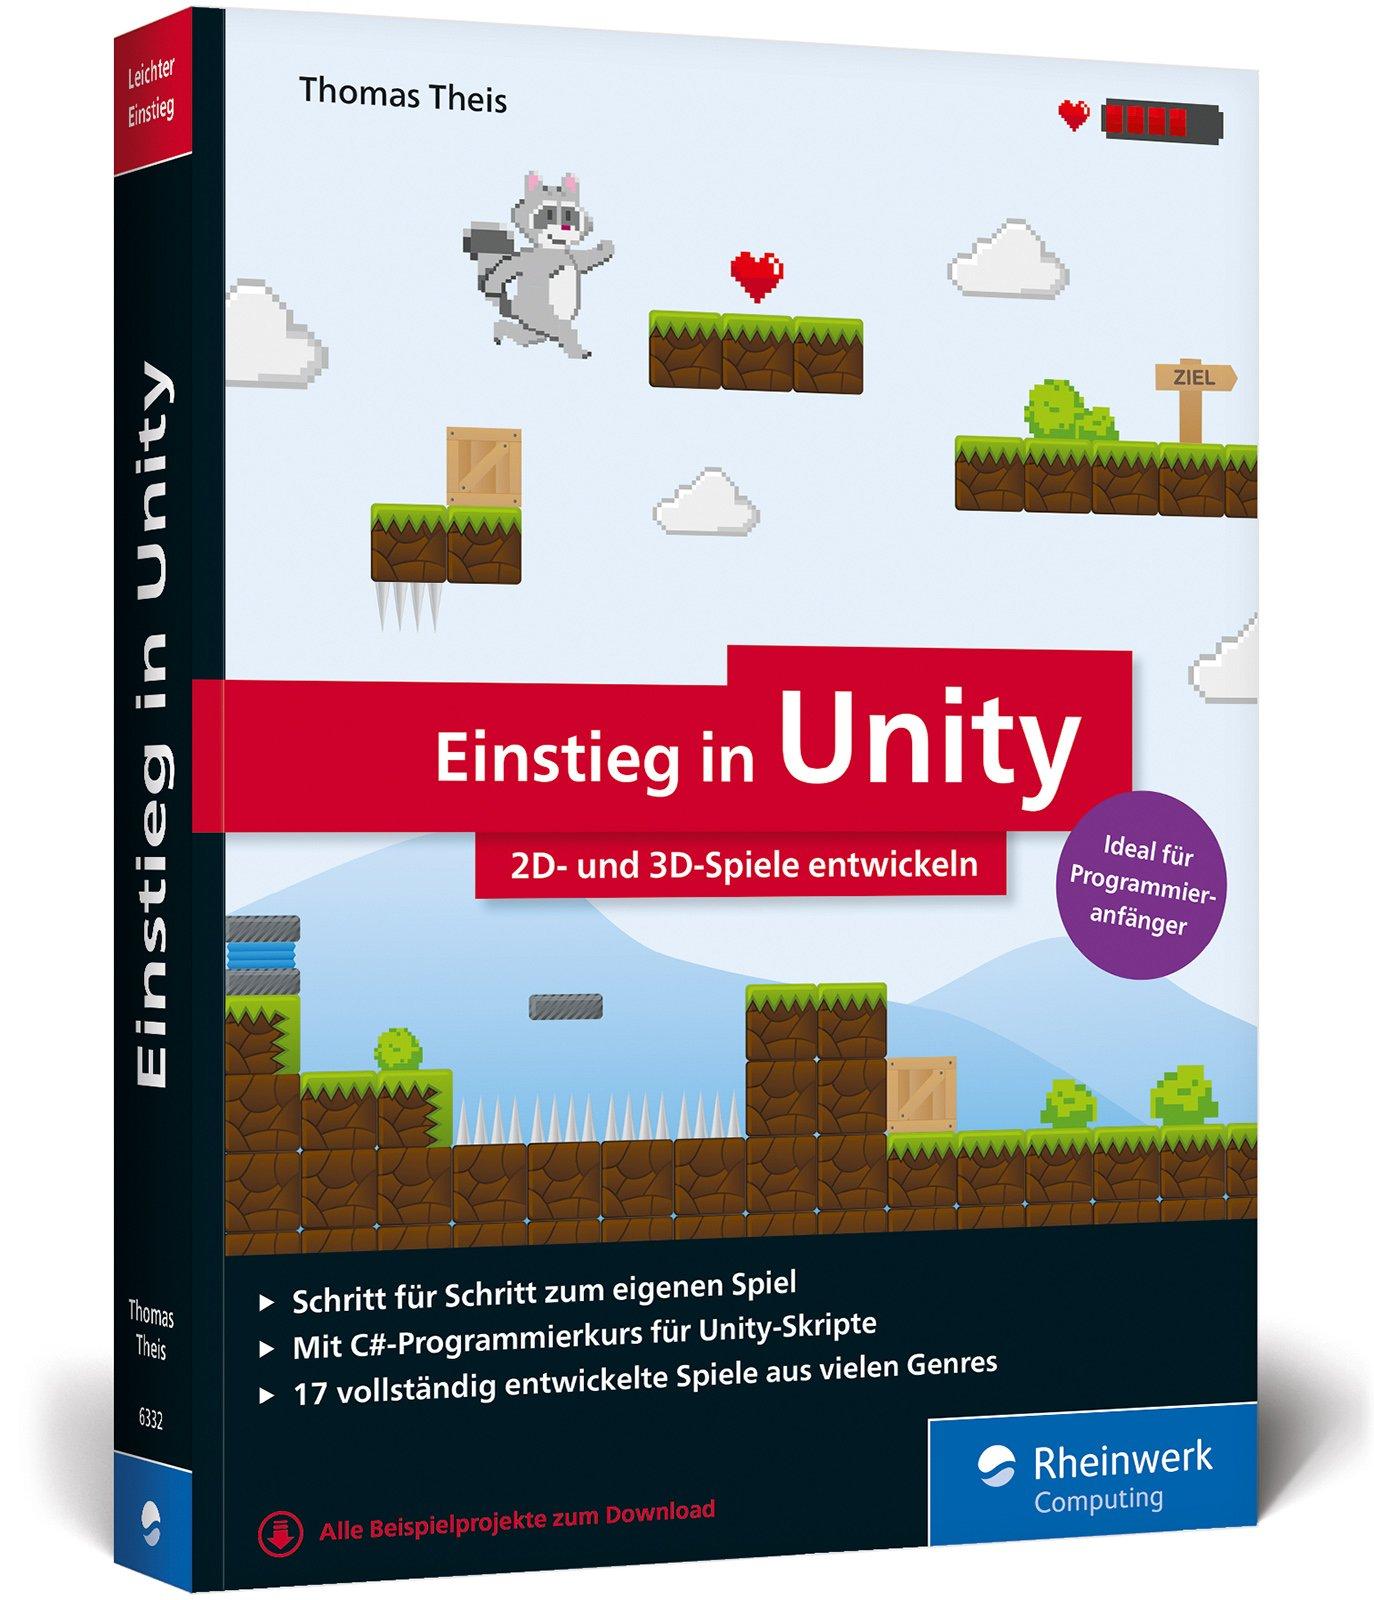 Einstieg in Unity: Schritt für Schritt zum eigenen Computerspiel. Ideal für Programmieranfänger ohne Vorwissen. (Ausgabe 2018) Broschiert – 23. März 2018 Thomas Theis Rheinwerk Computing 3836263327 COMPUTERS / General